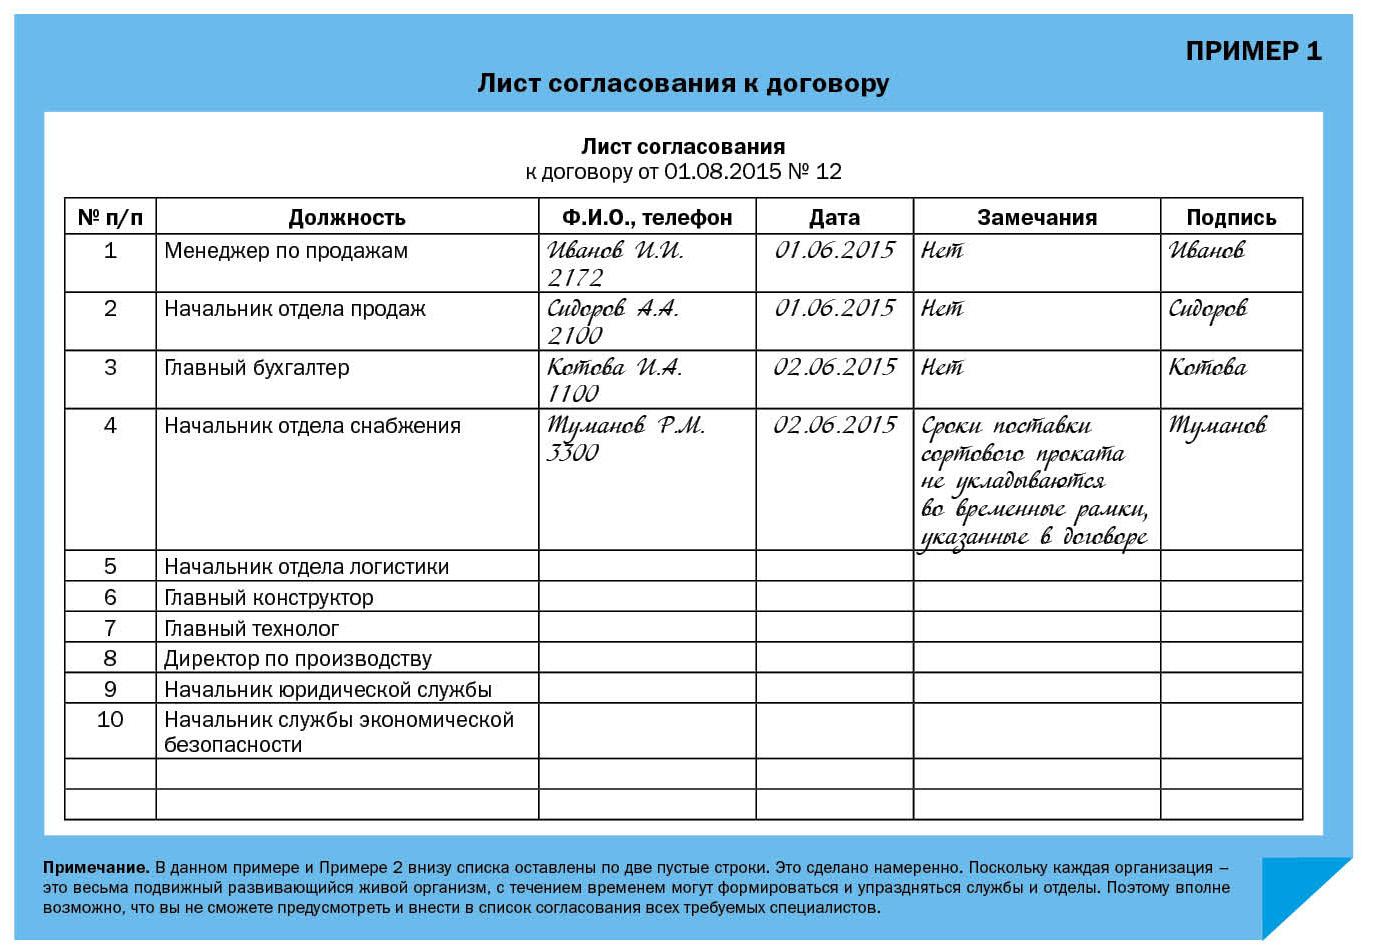 образец листа согласования документа